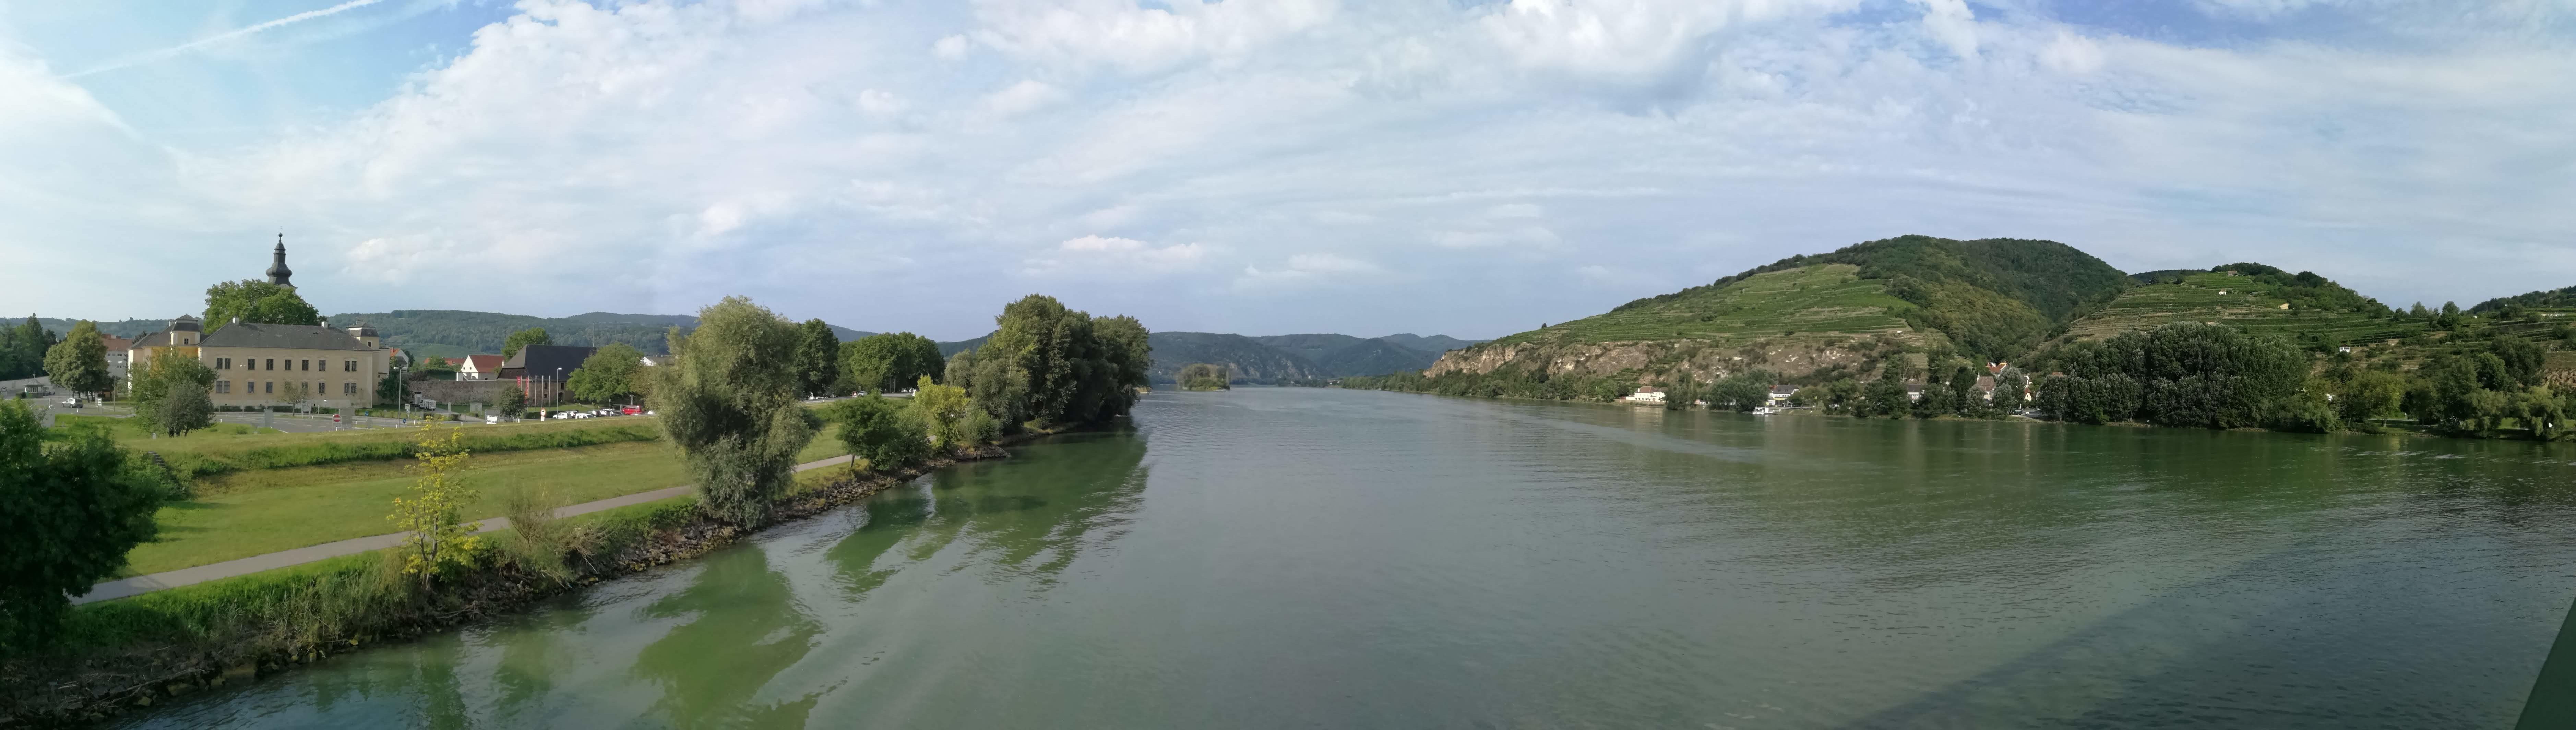 Blicka auf Donau und Mautern (linke Seite) von der Mauterner Brücke